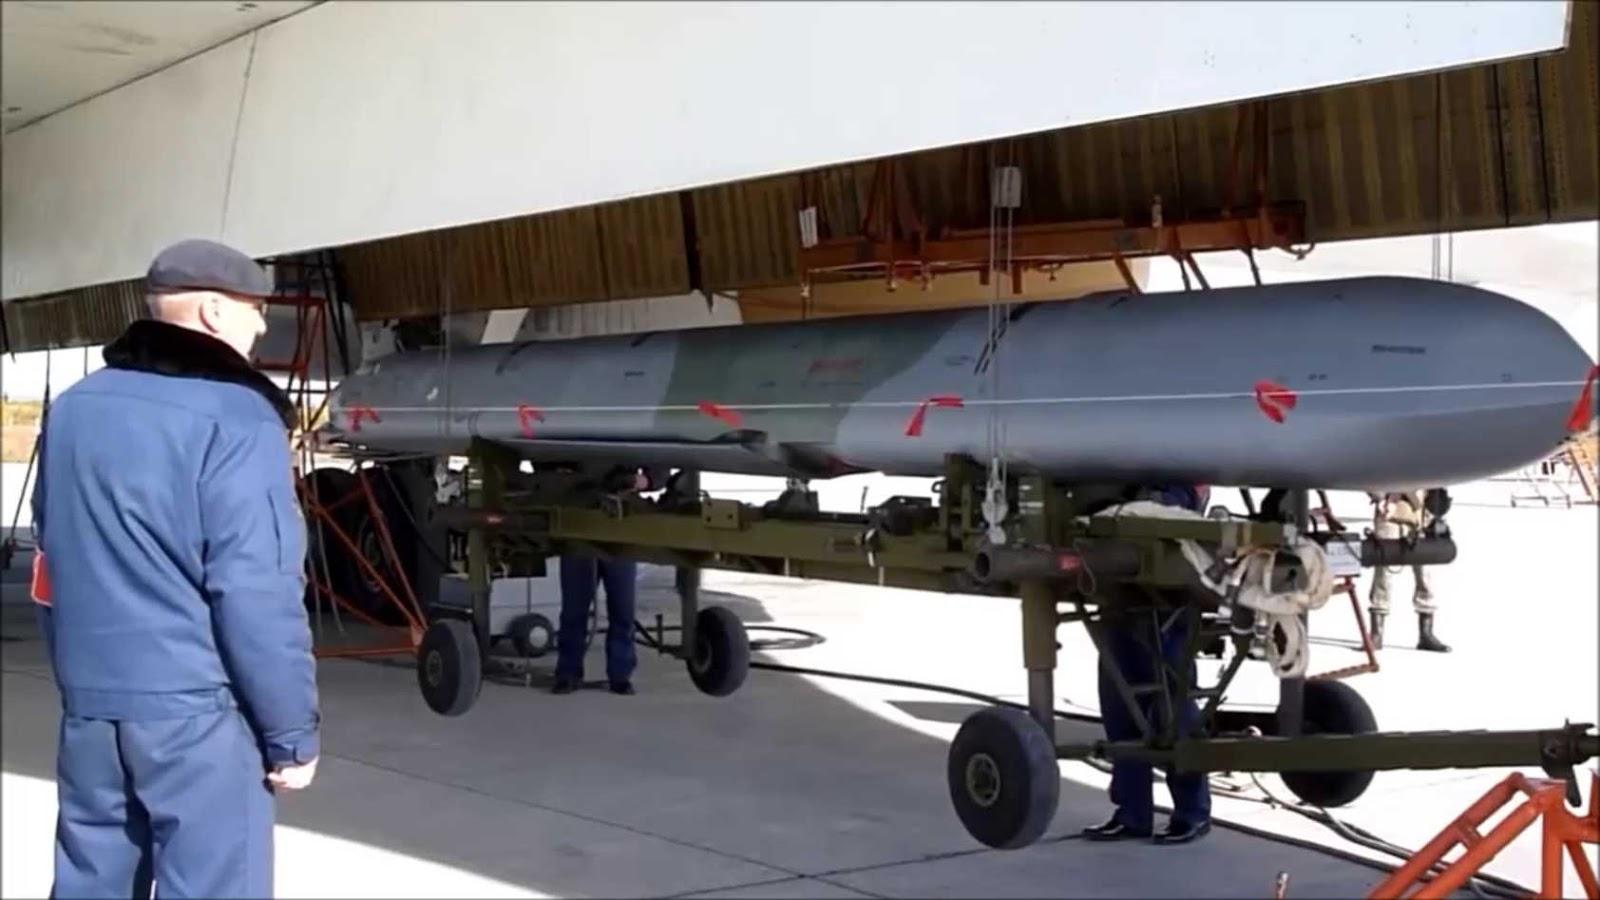 WT - Amerika Serikat membutuhkan strategi baru untuk melawan agresi Moskow